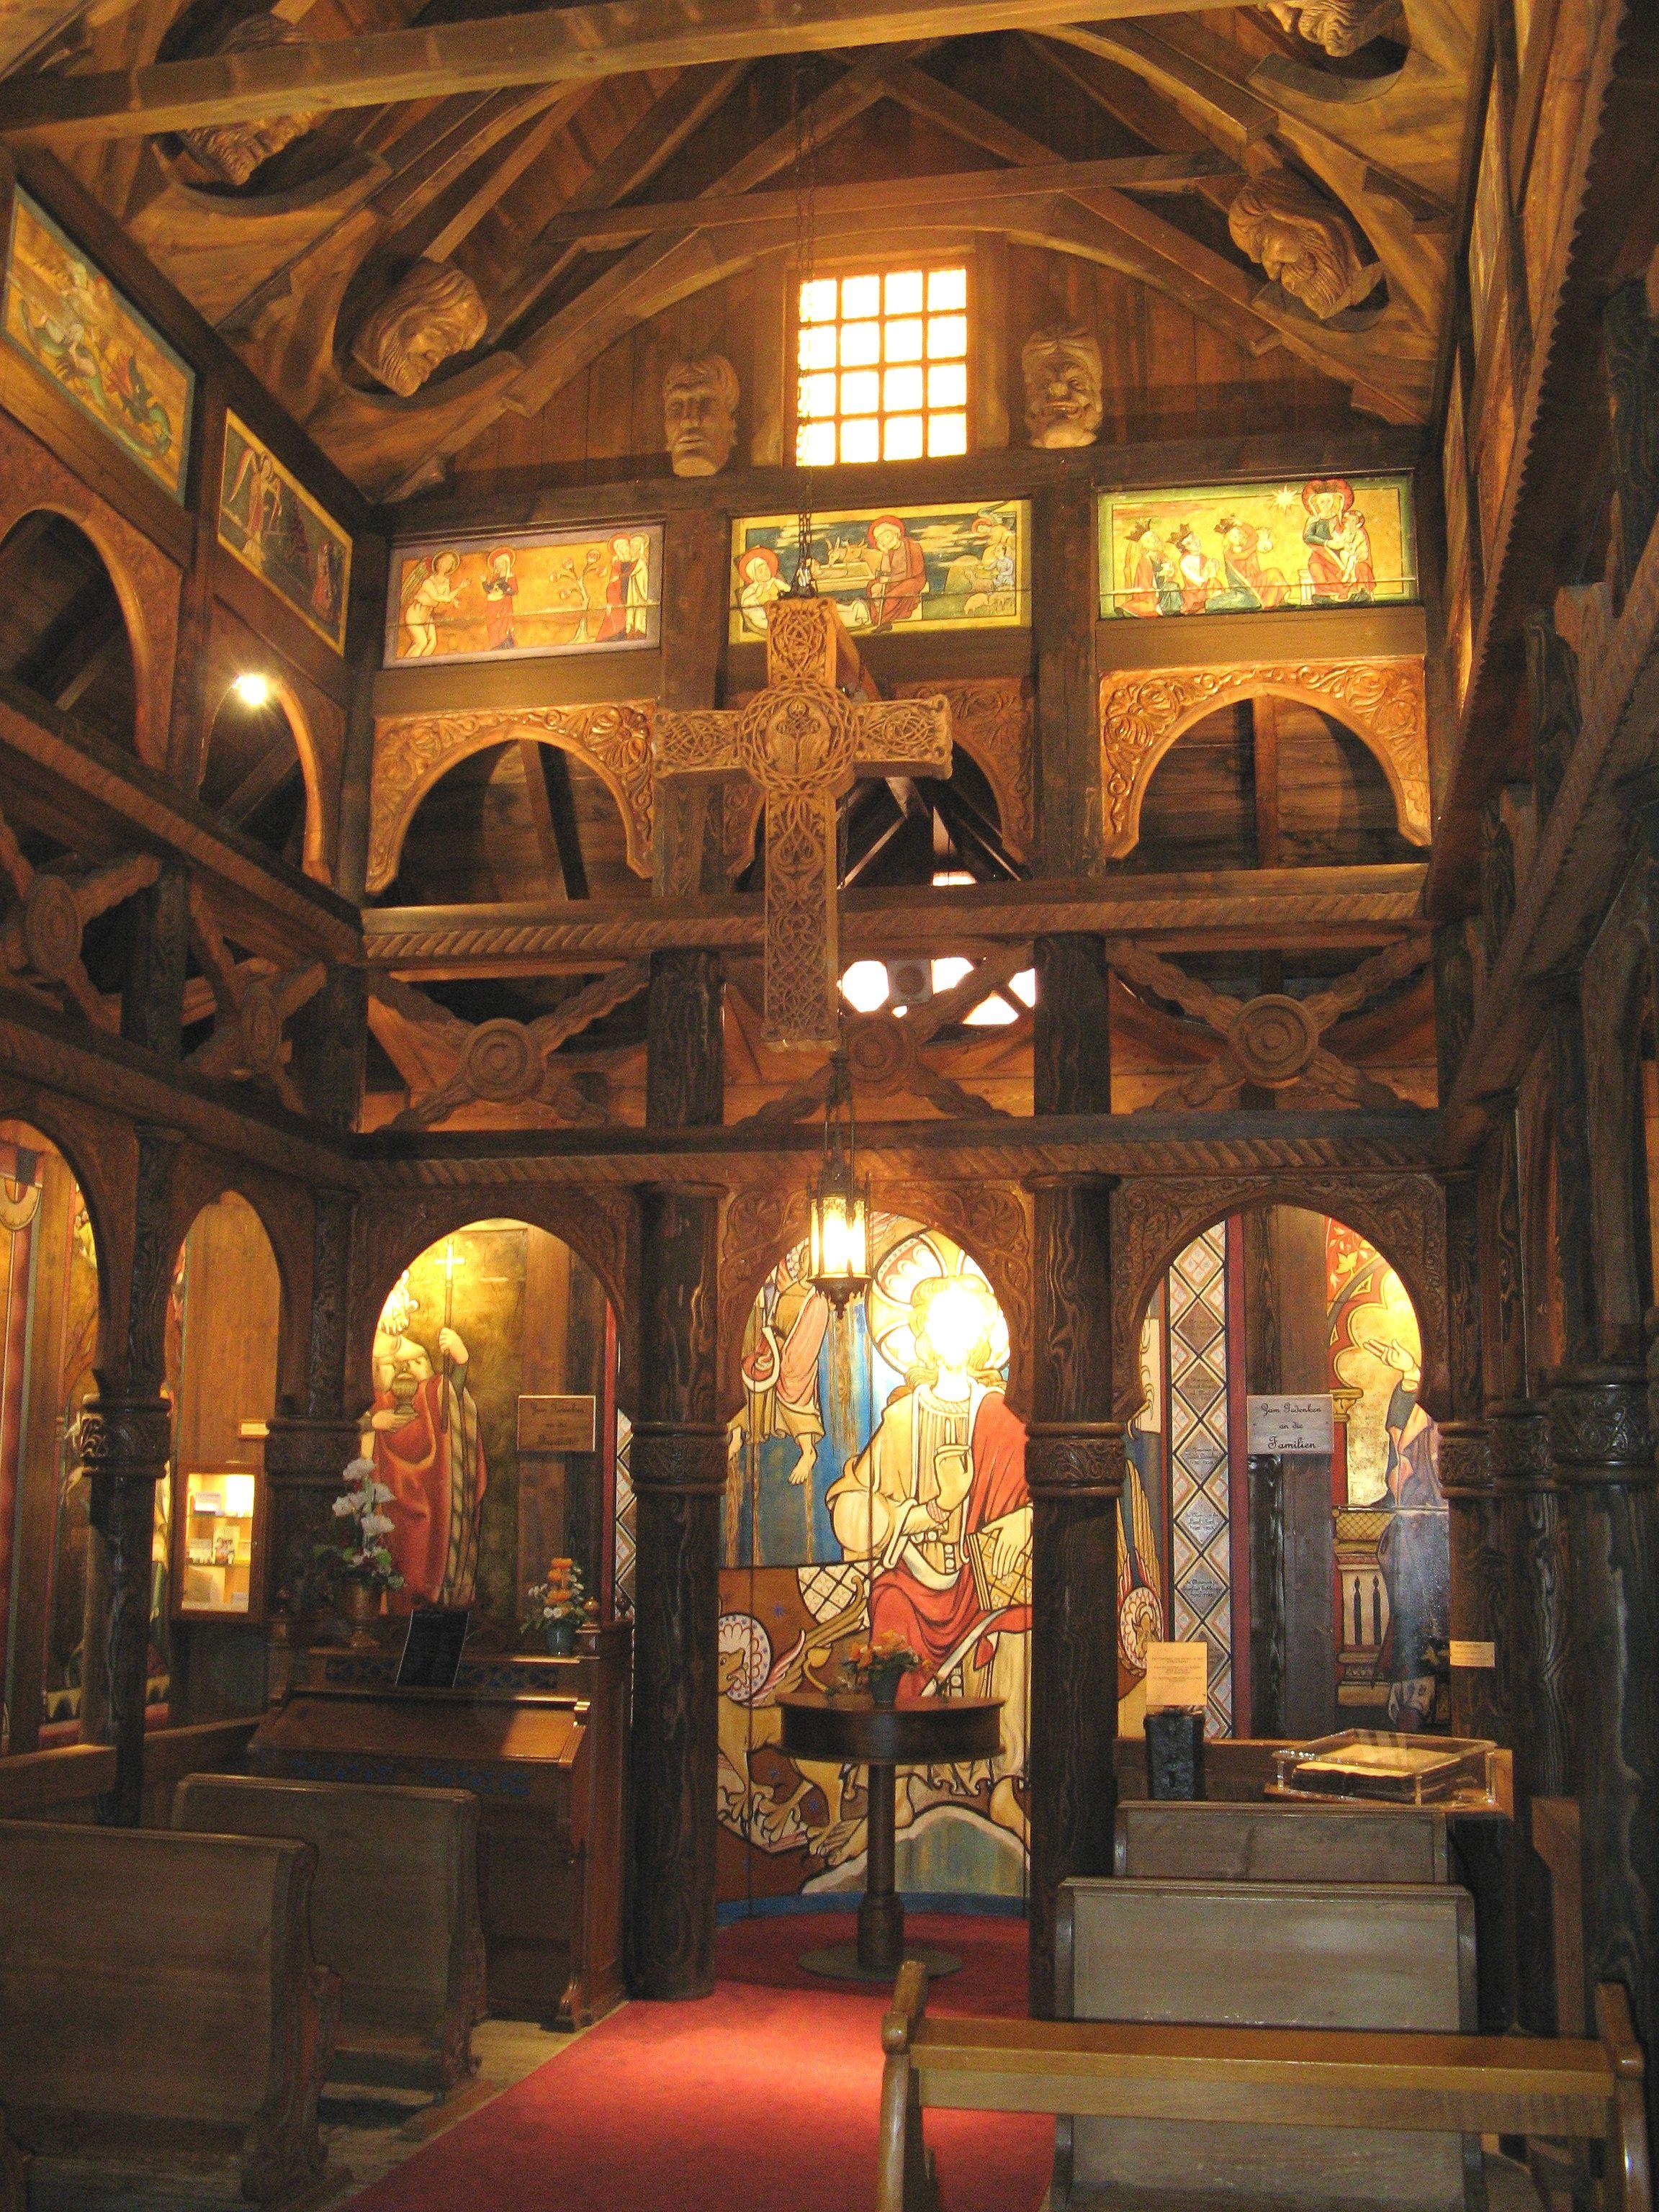 Borgund Norway Borgund Stave Church Interior Castles Interior Church Interior Church